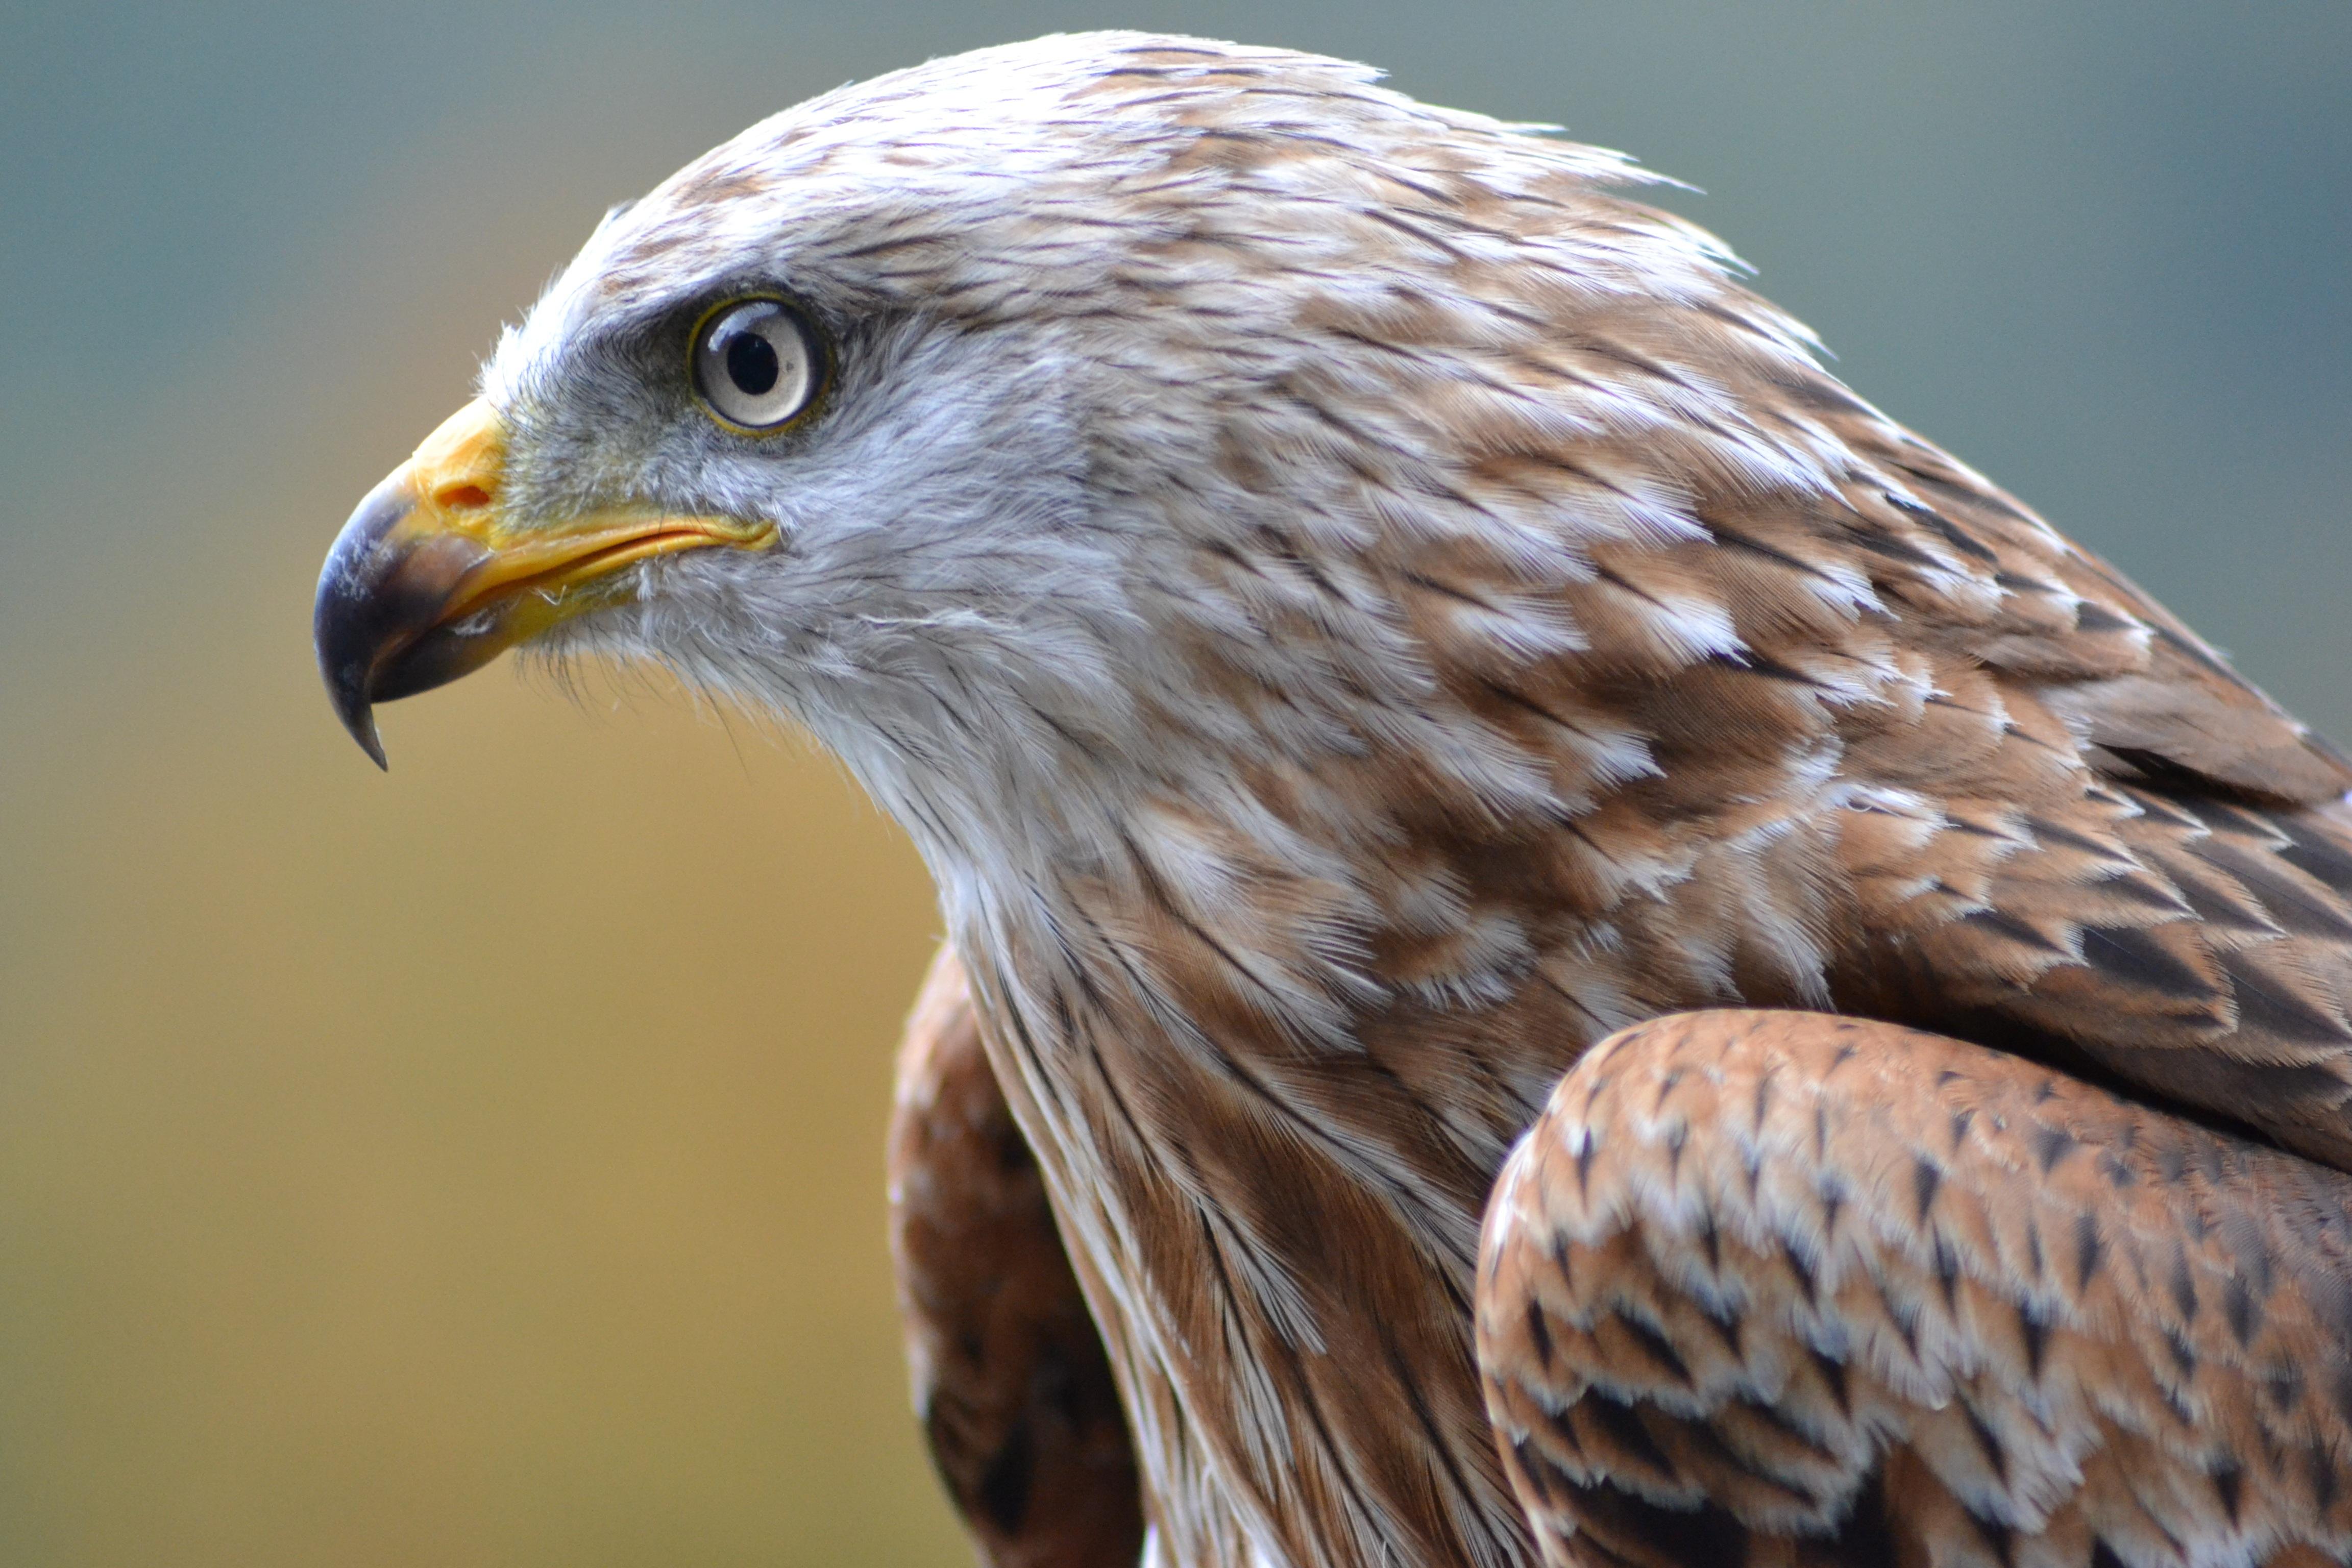 banco de imagens natureza pássaro asa animais selvagens